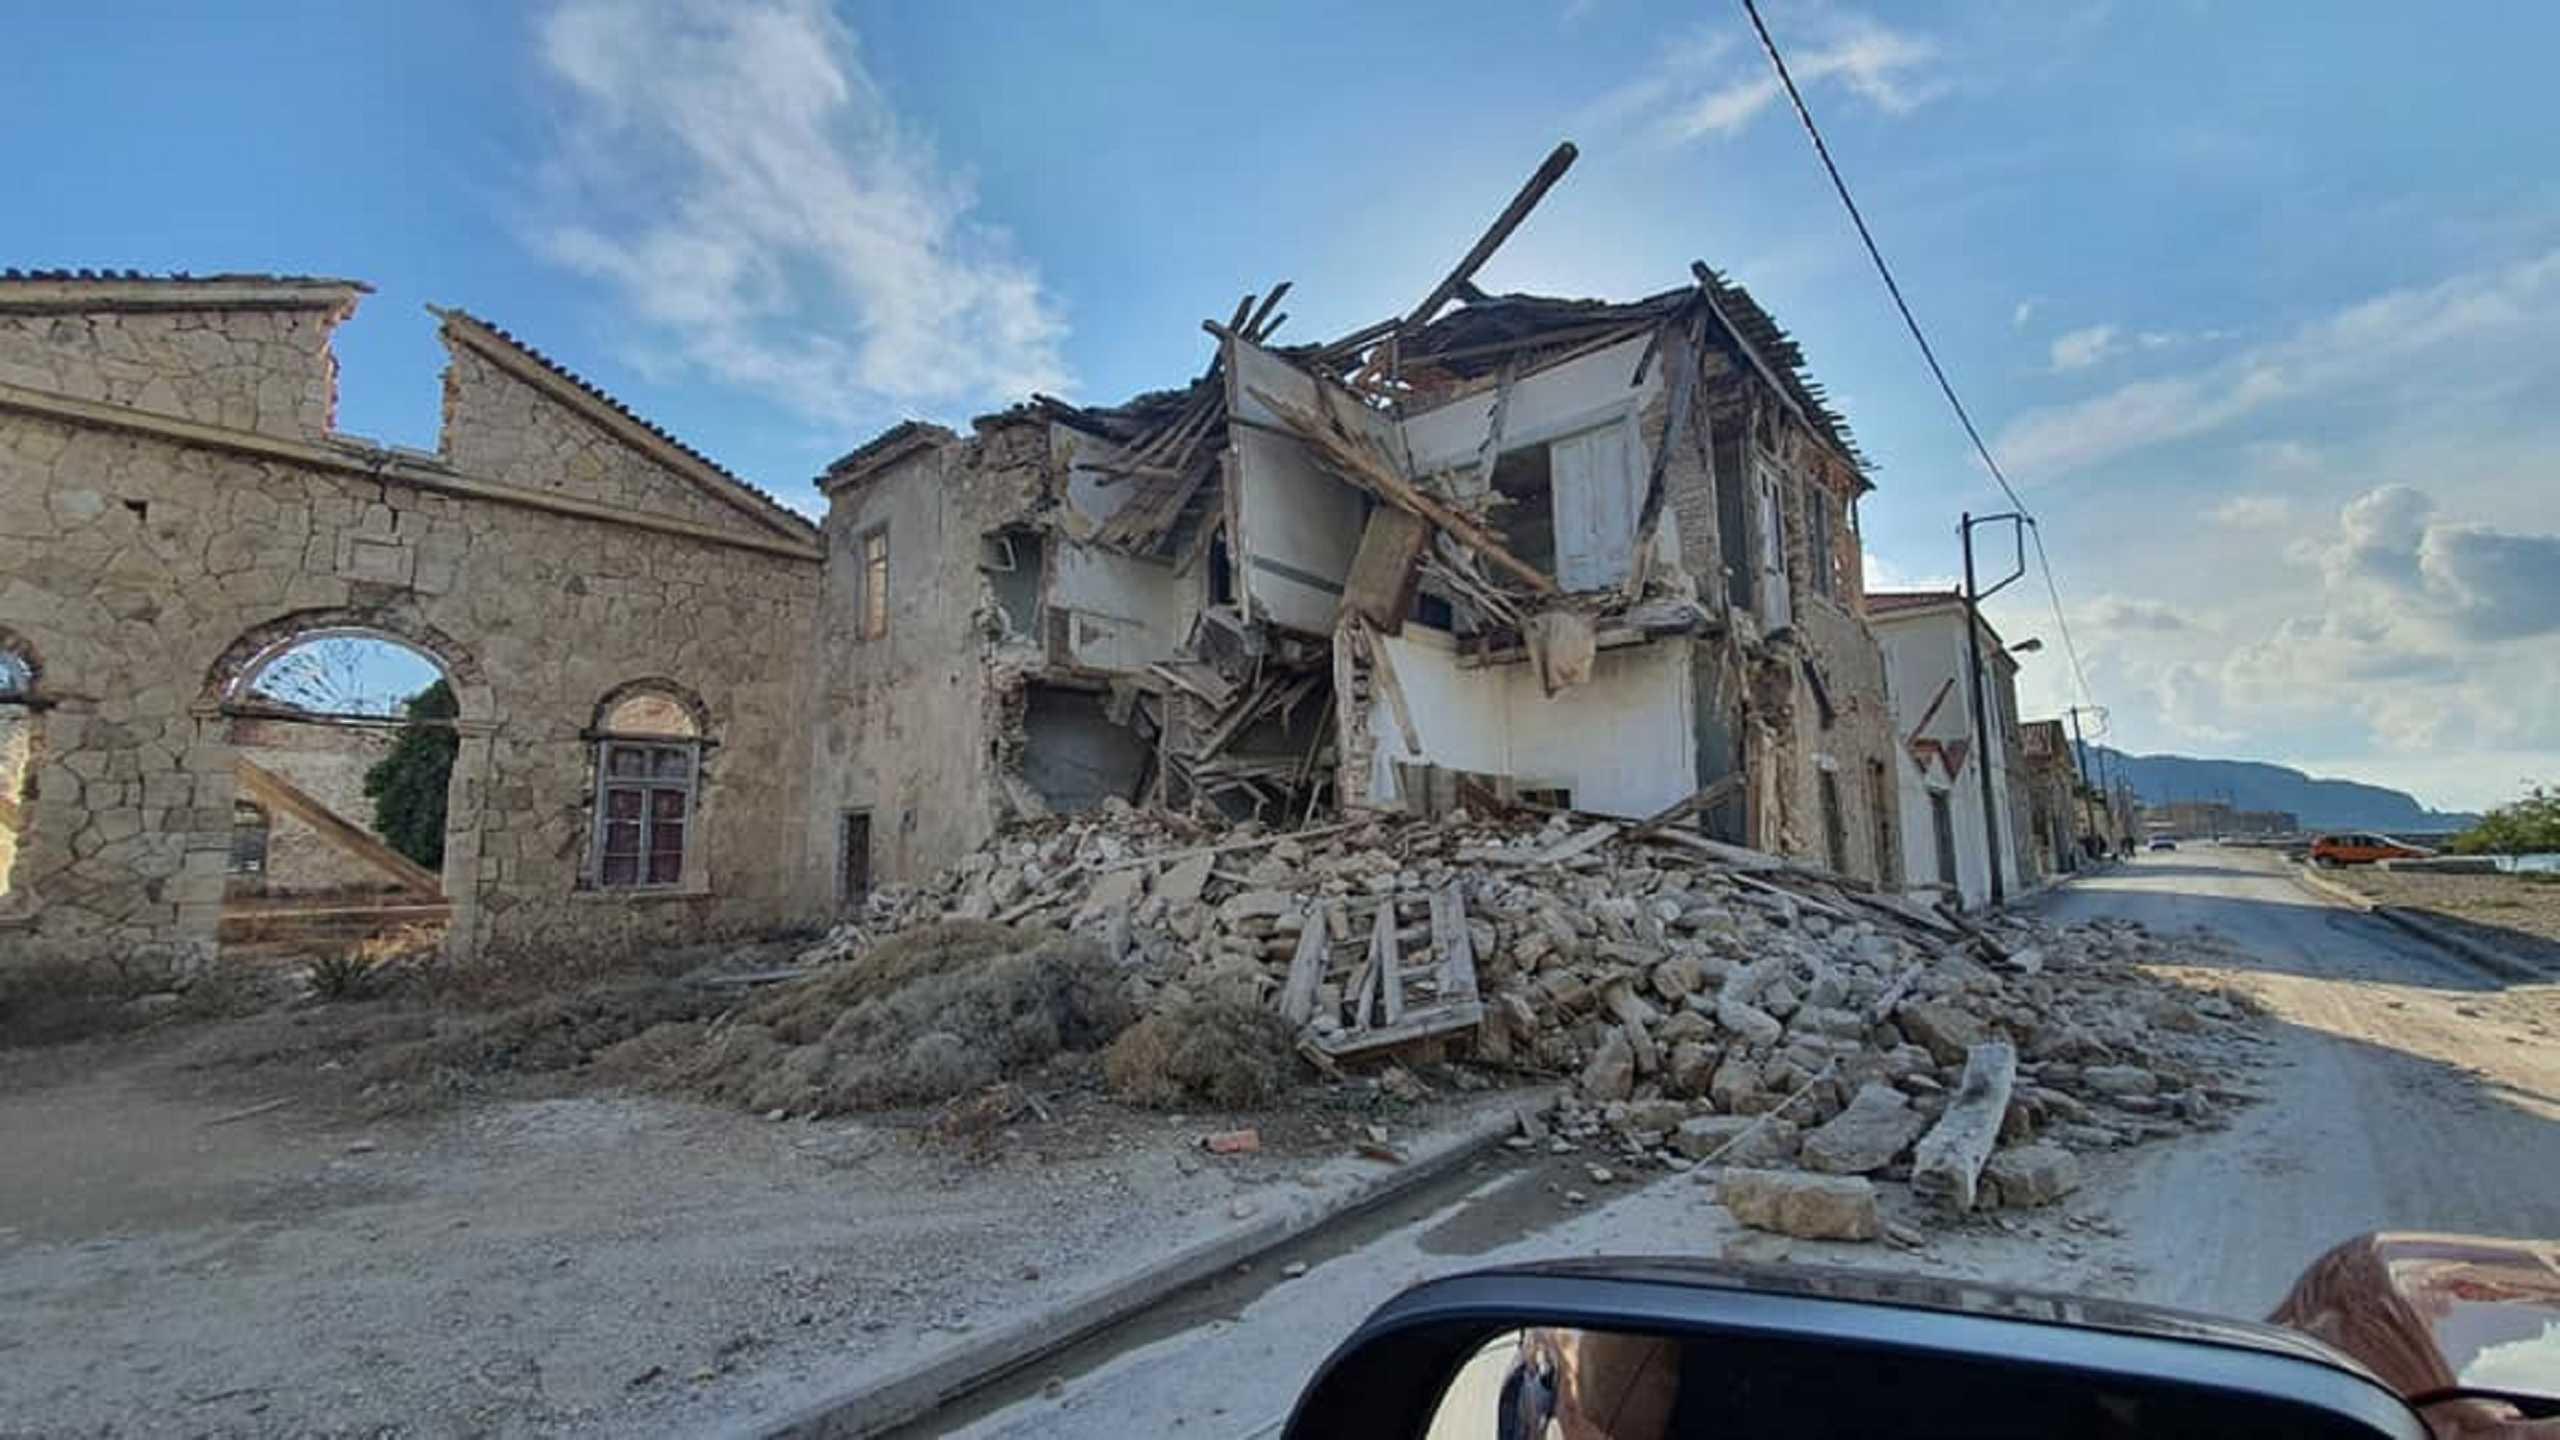 Σεισμός: Η Αλβανία κοντά σε Ελλάδα και Τουρκία λέει ο πρόεδρος Μέτα